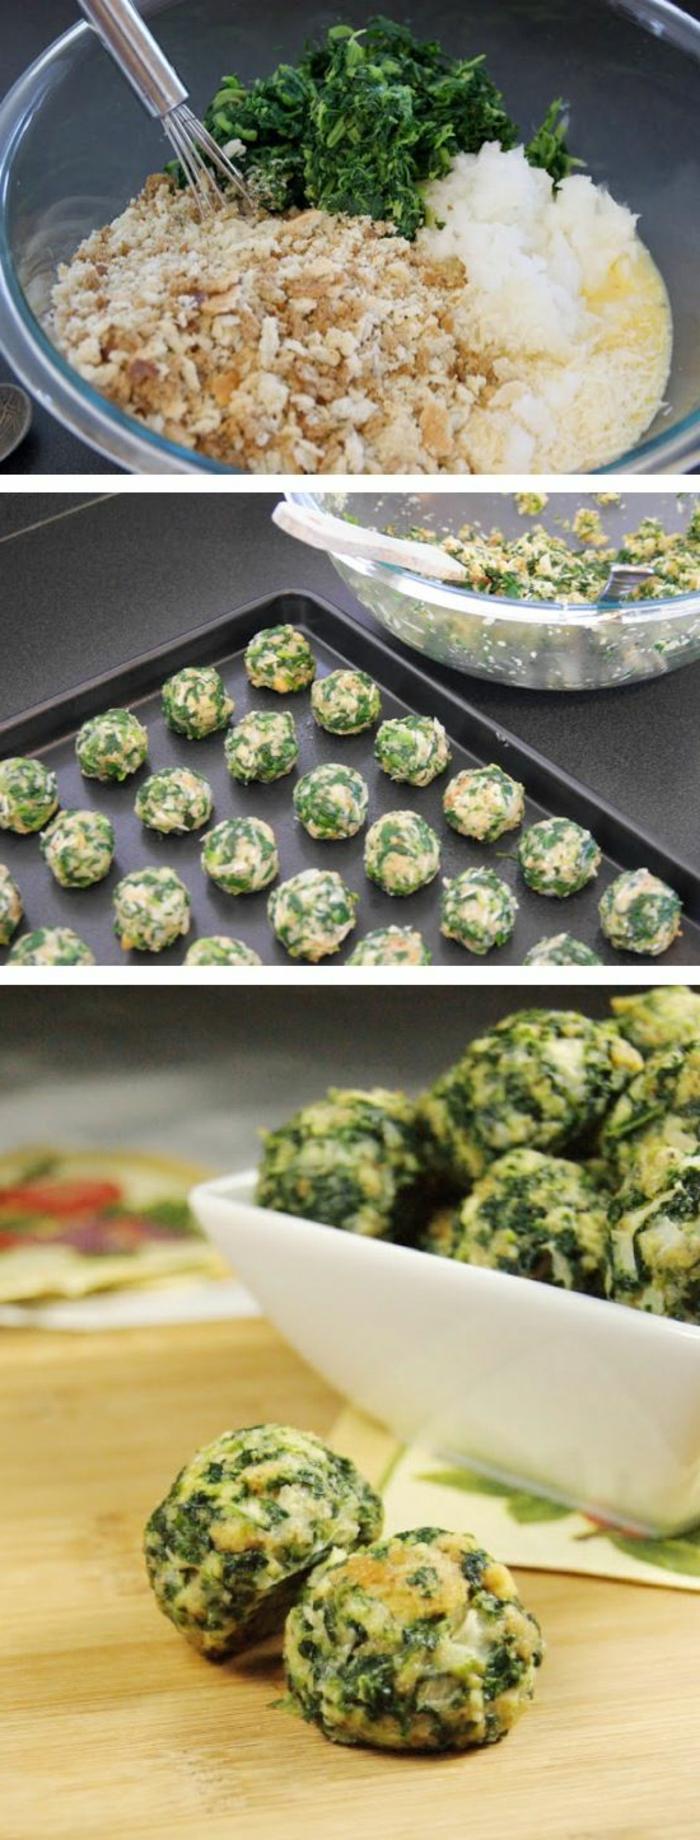 boulettes-d-épinard-entrée-froide-originale-idée-pour-la-table-quelle-entres-froides-choisir